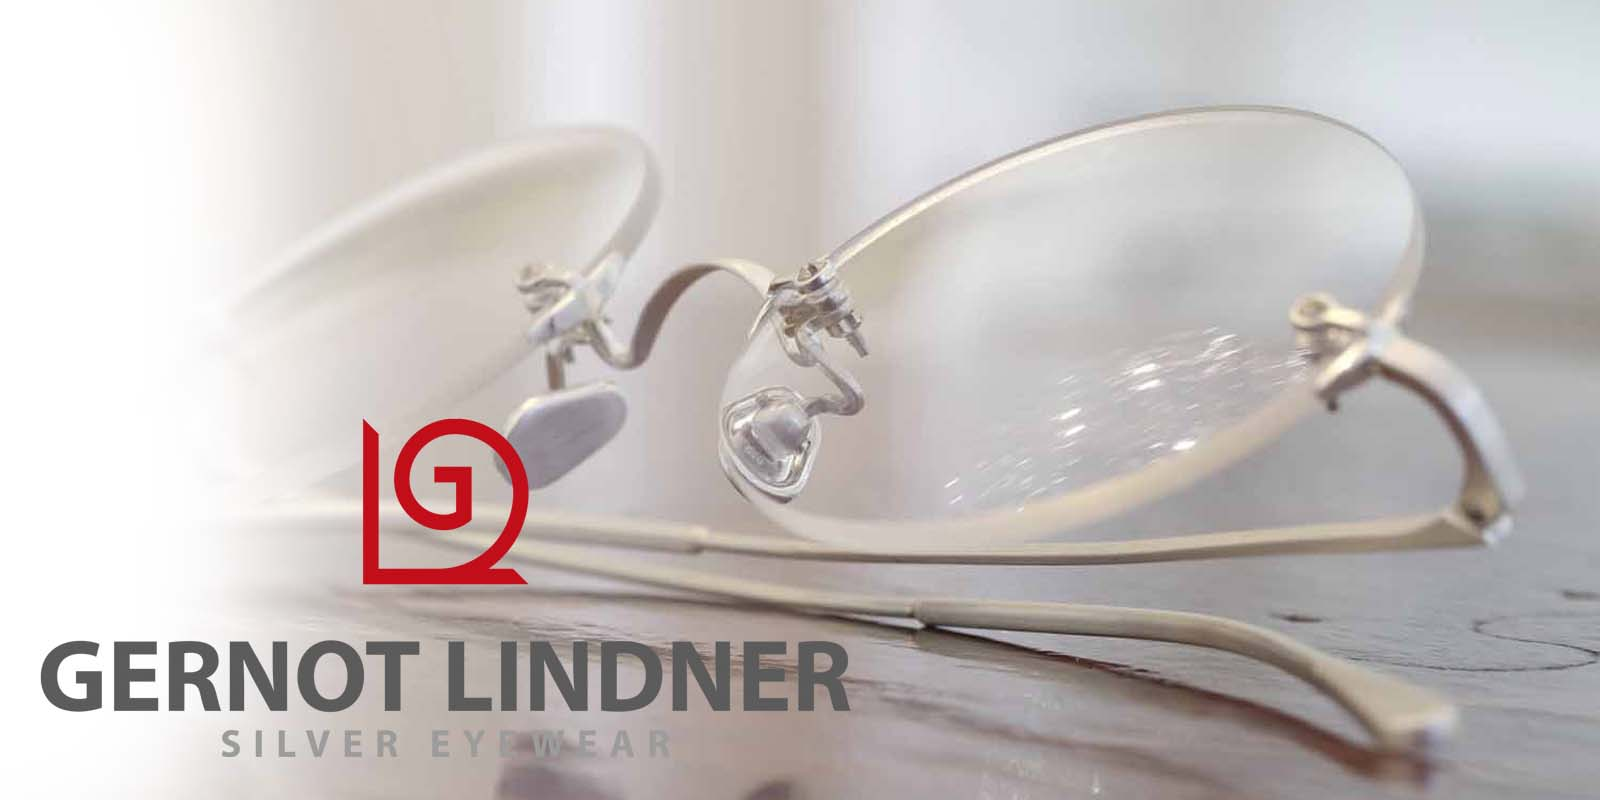 Gernot Lindner